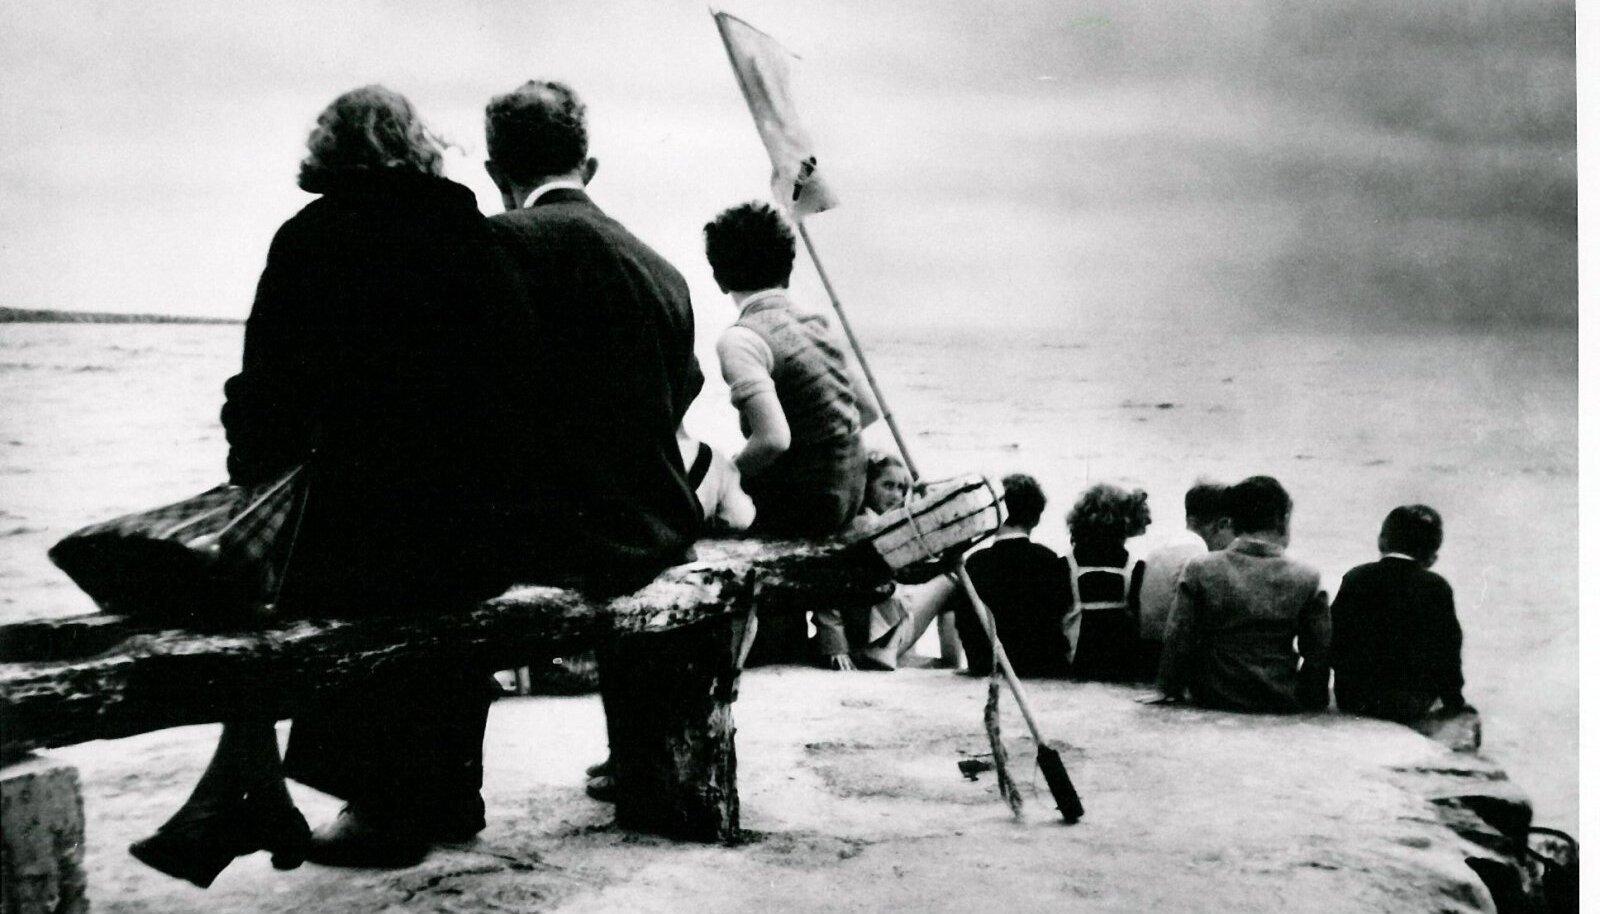 NAGU SAAREMAALGI: Juudi põgenikud väljasaatmise eel Taanis mererannas.